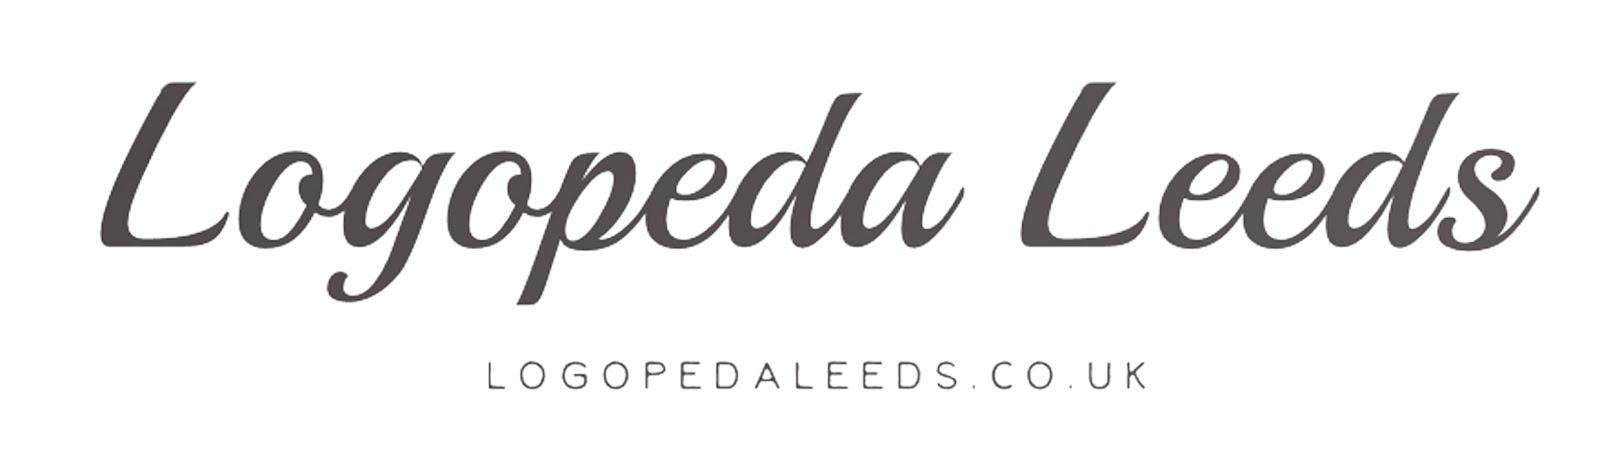 LogopedaLeeds